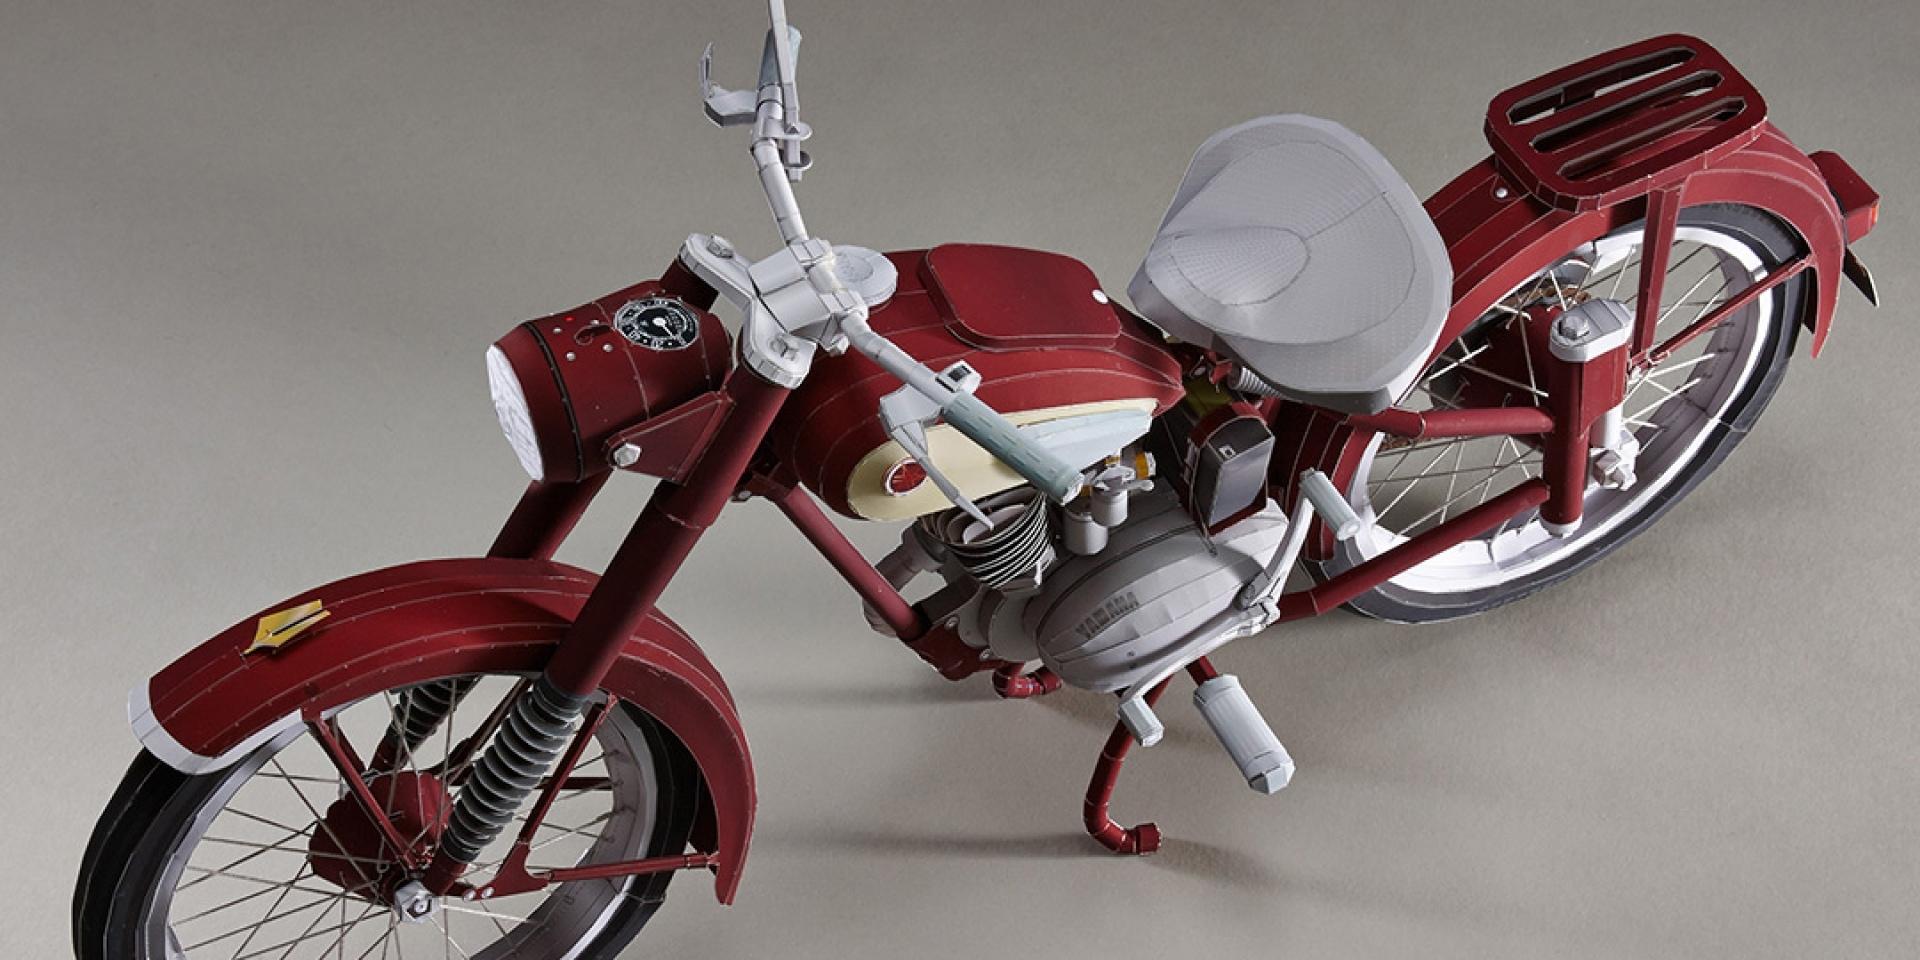 紙模型20週年慶。YAMAHA YA-1 超精細紙模型 | SUPERMOTO8